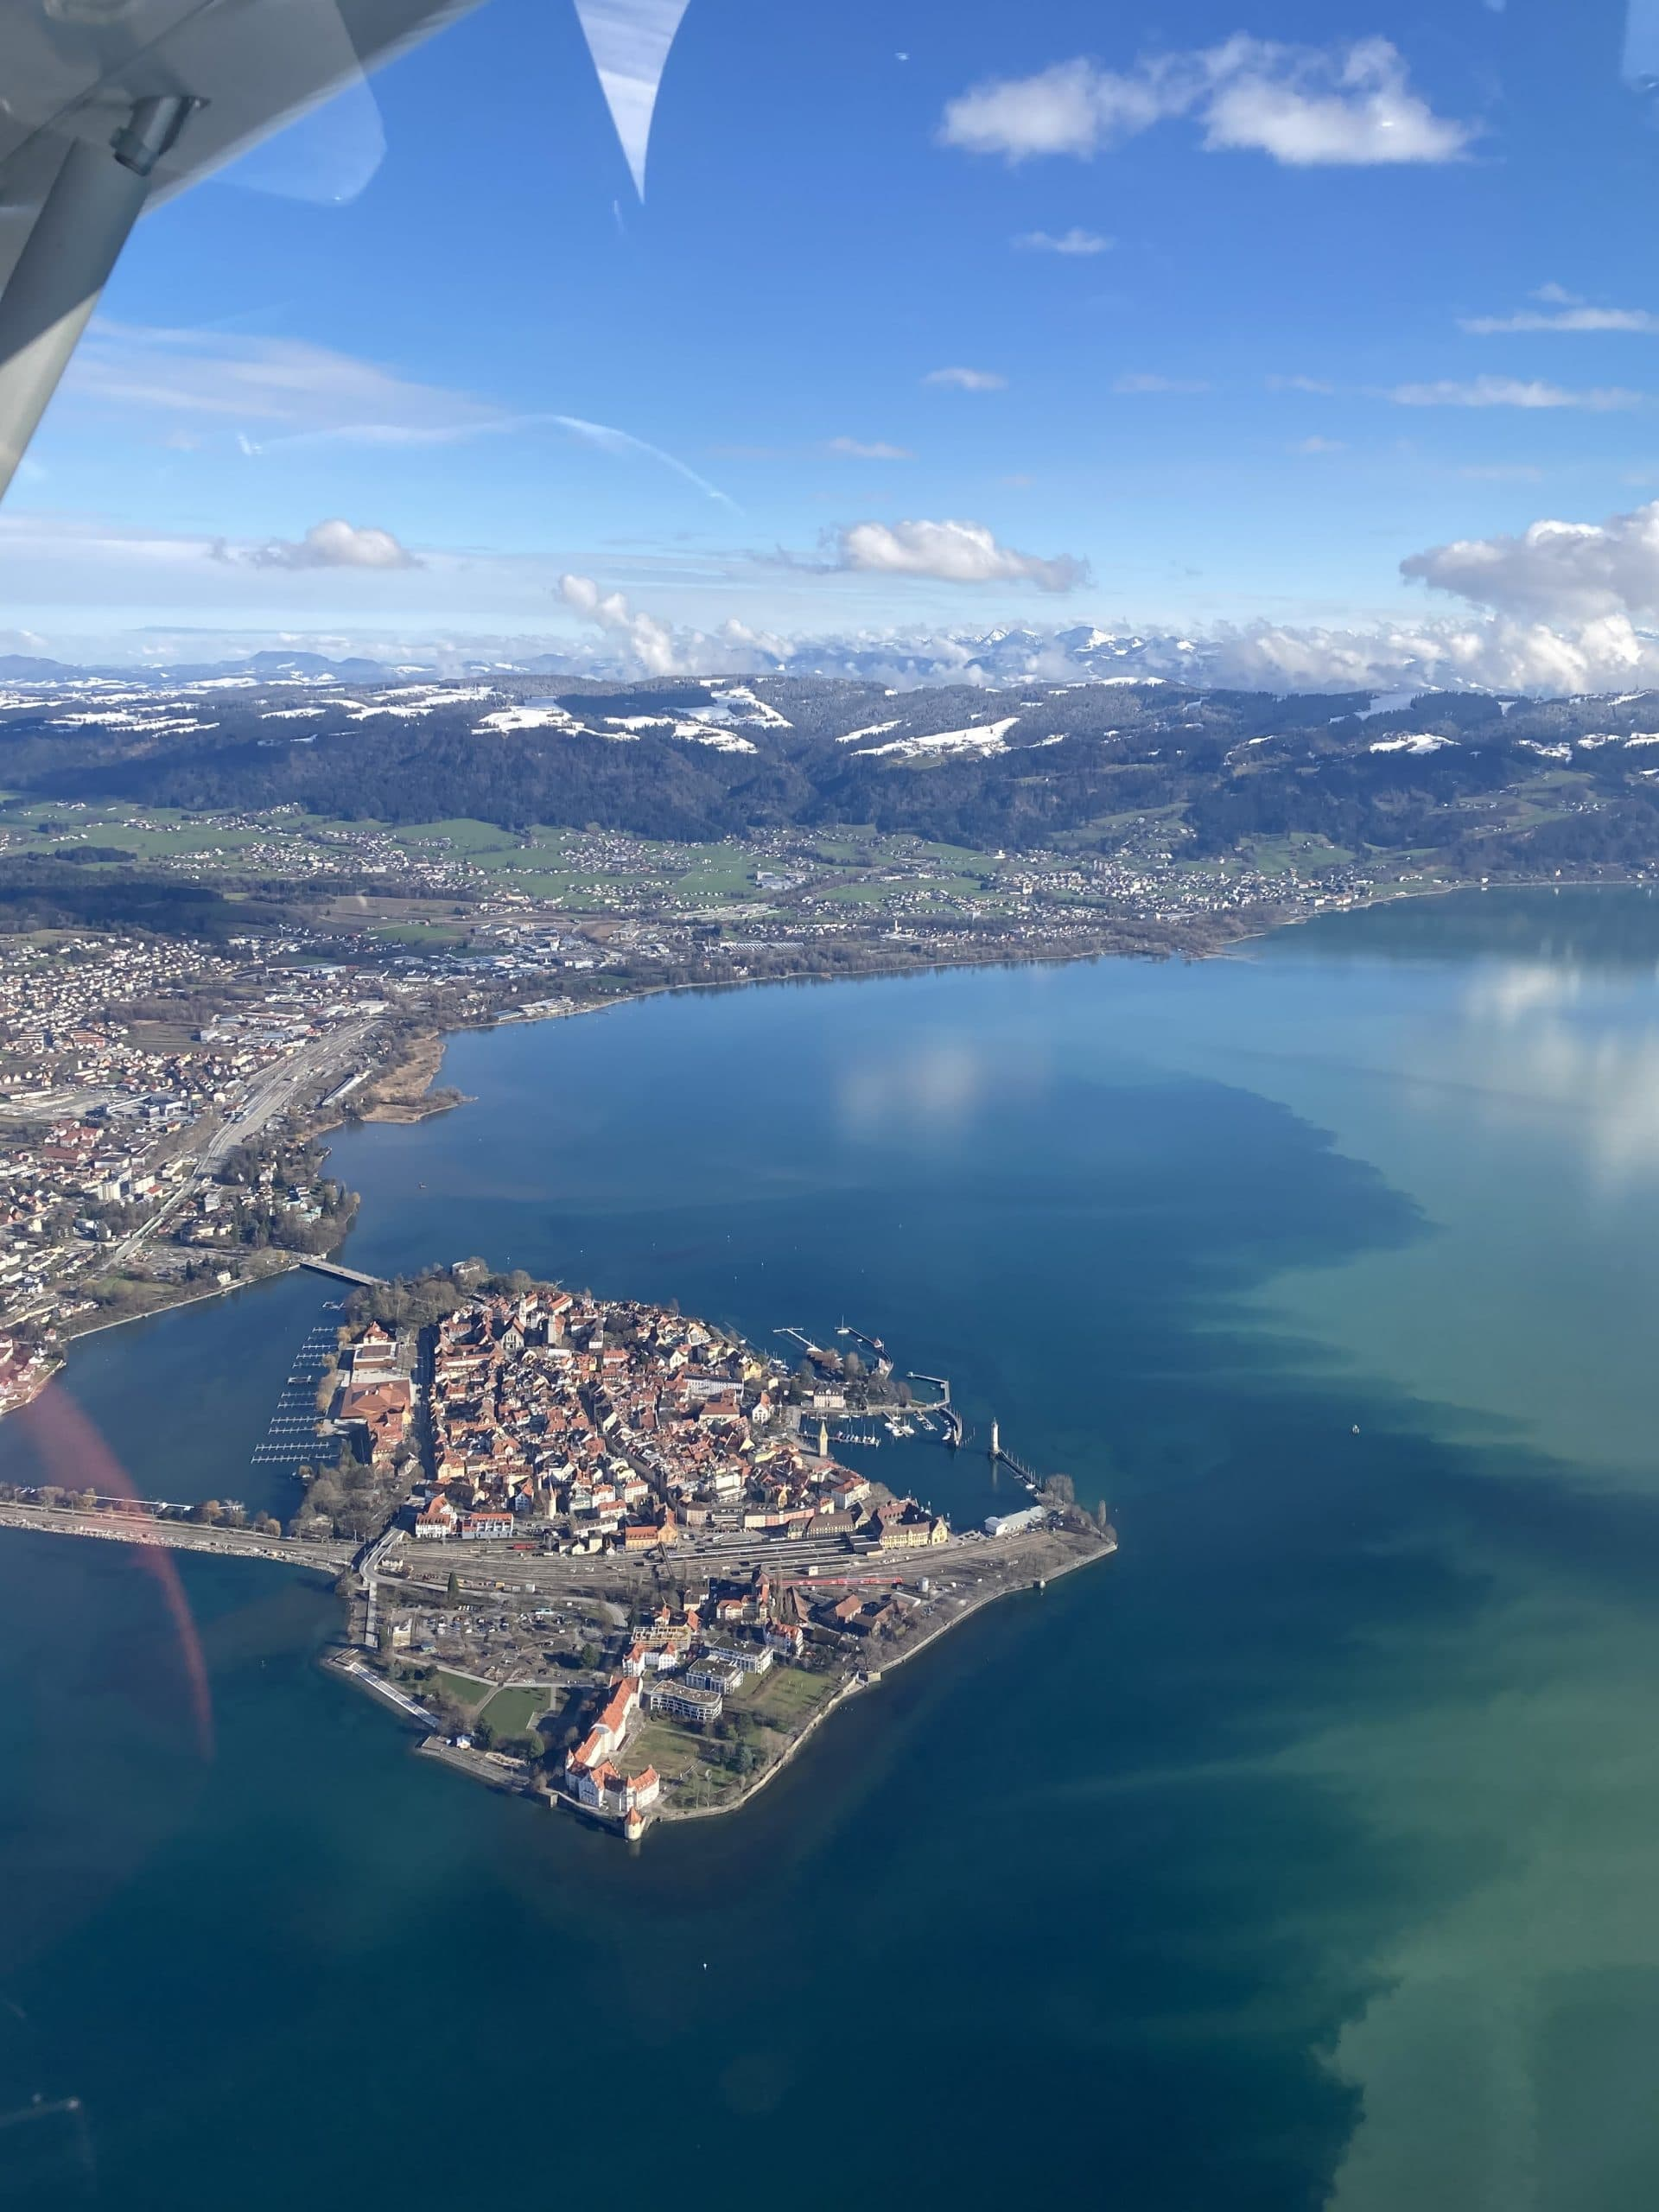 Impresion aus dem Ultraleichtflugzeug mit Blick auf Alpen